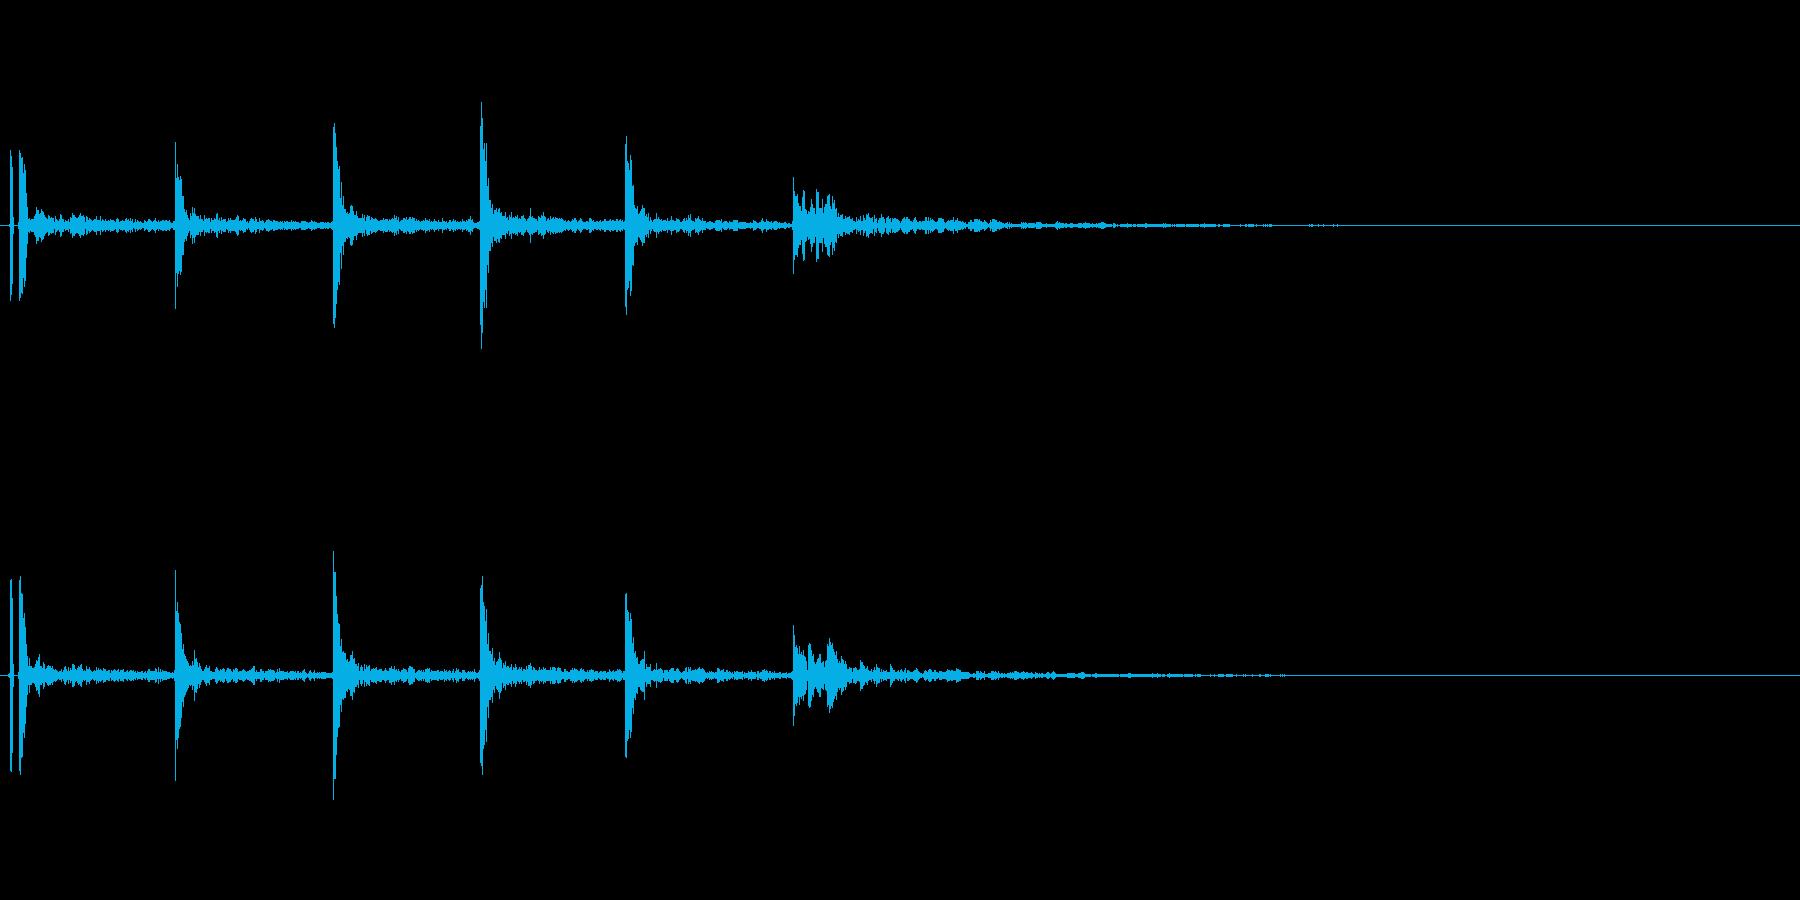 バスケットボールの軽いドリブル音01の再生済みの波形